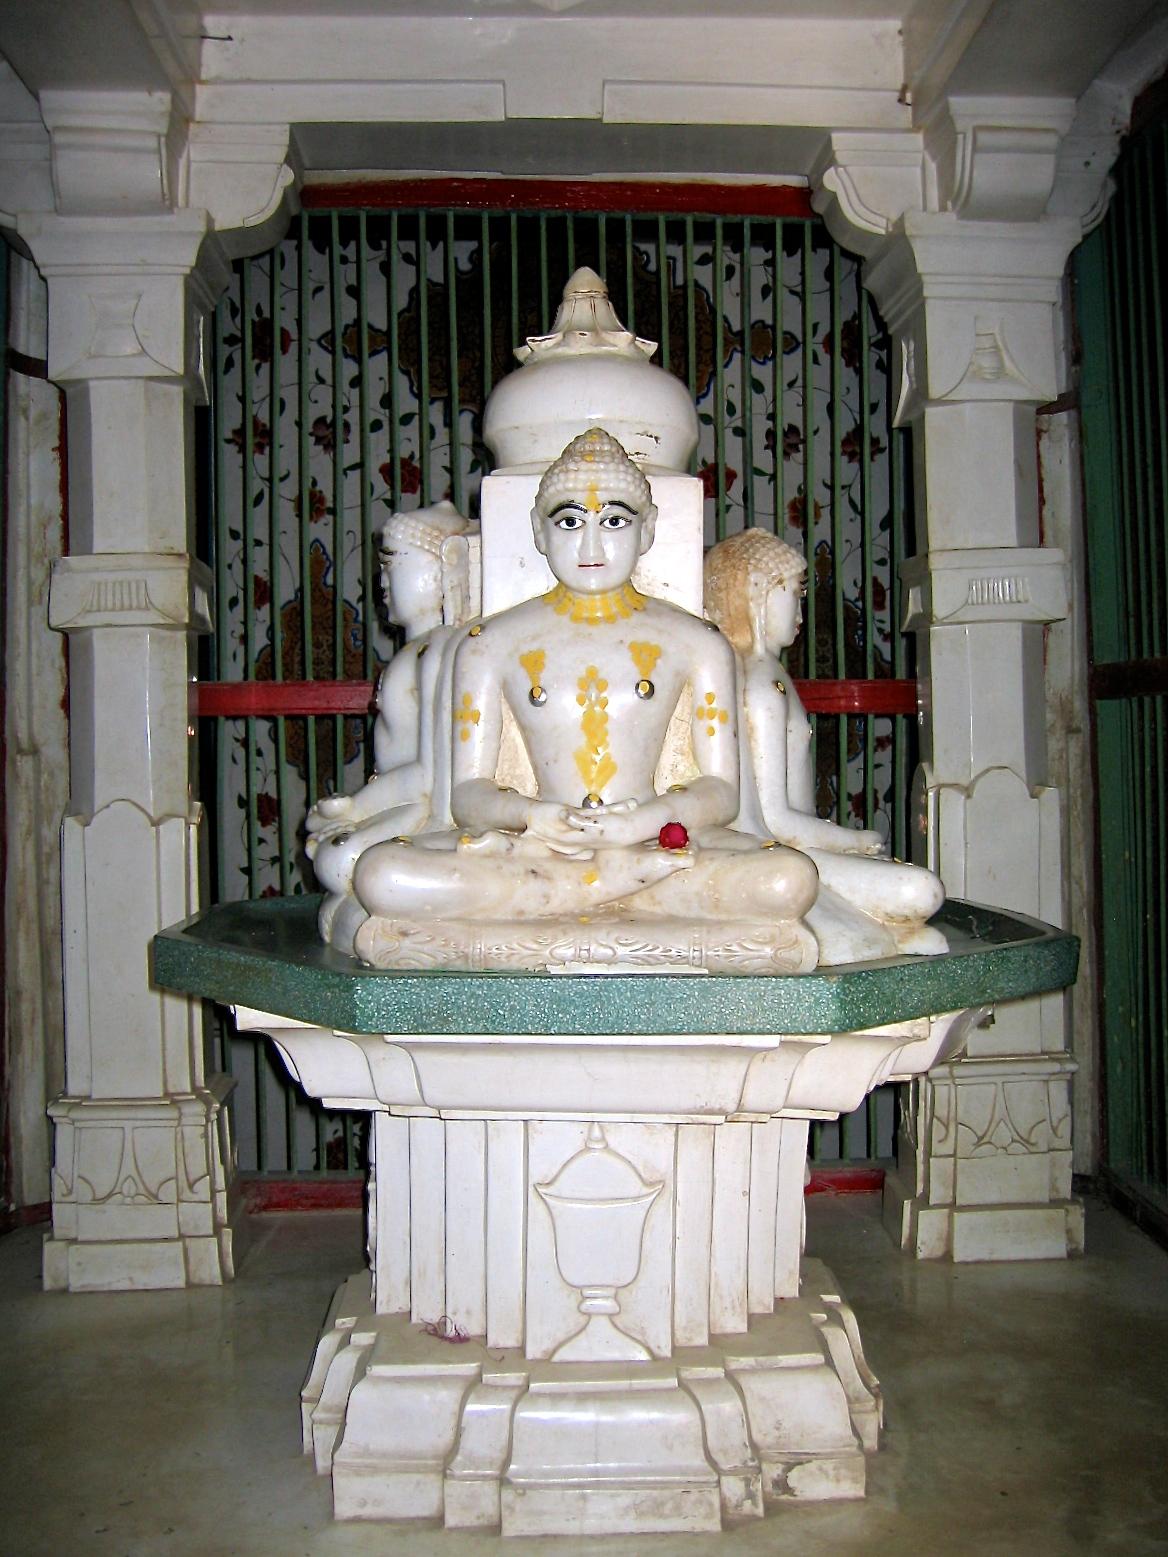 Un Tîrthankara est un maîtres jaïn qui a atteint l'état d'omniscience